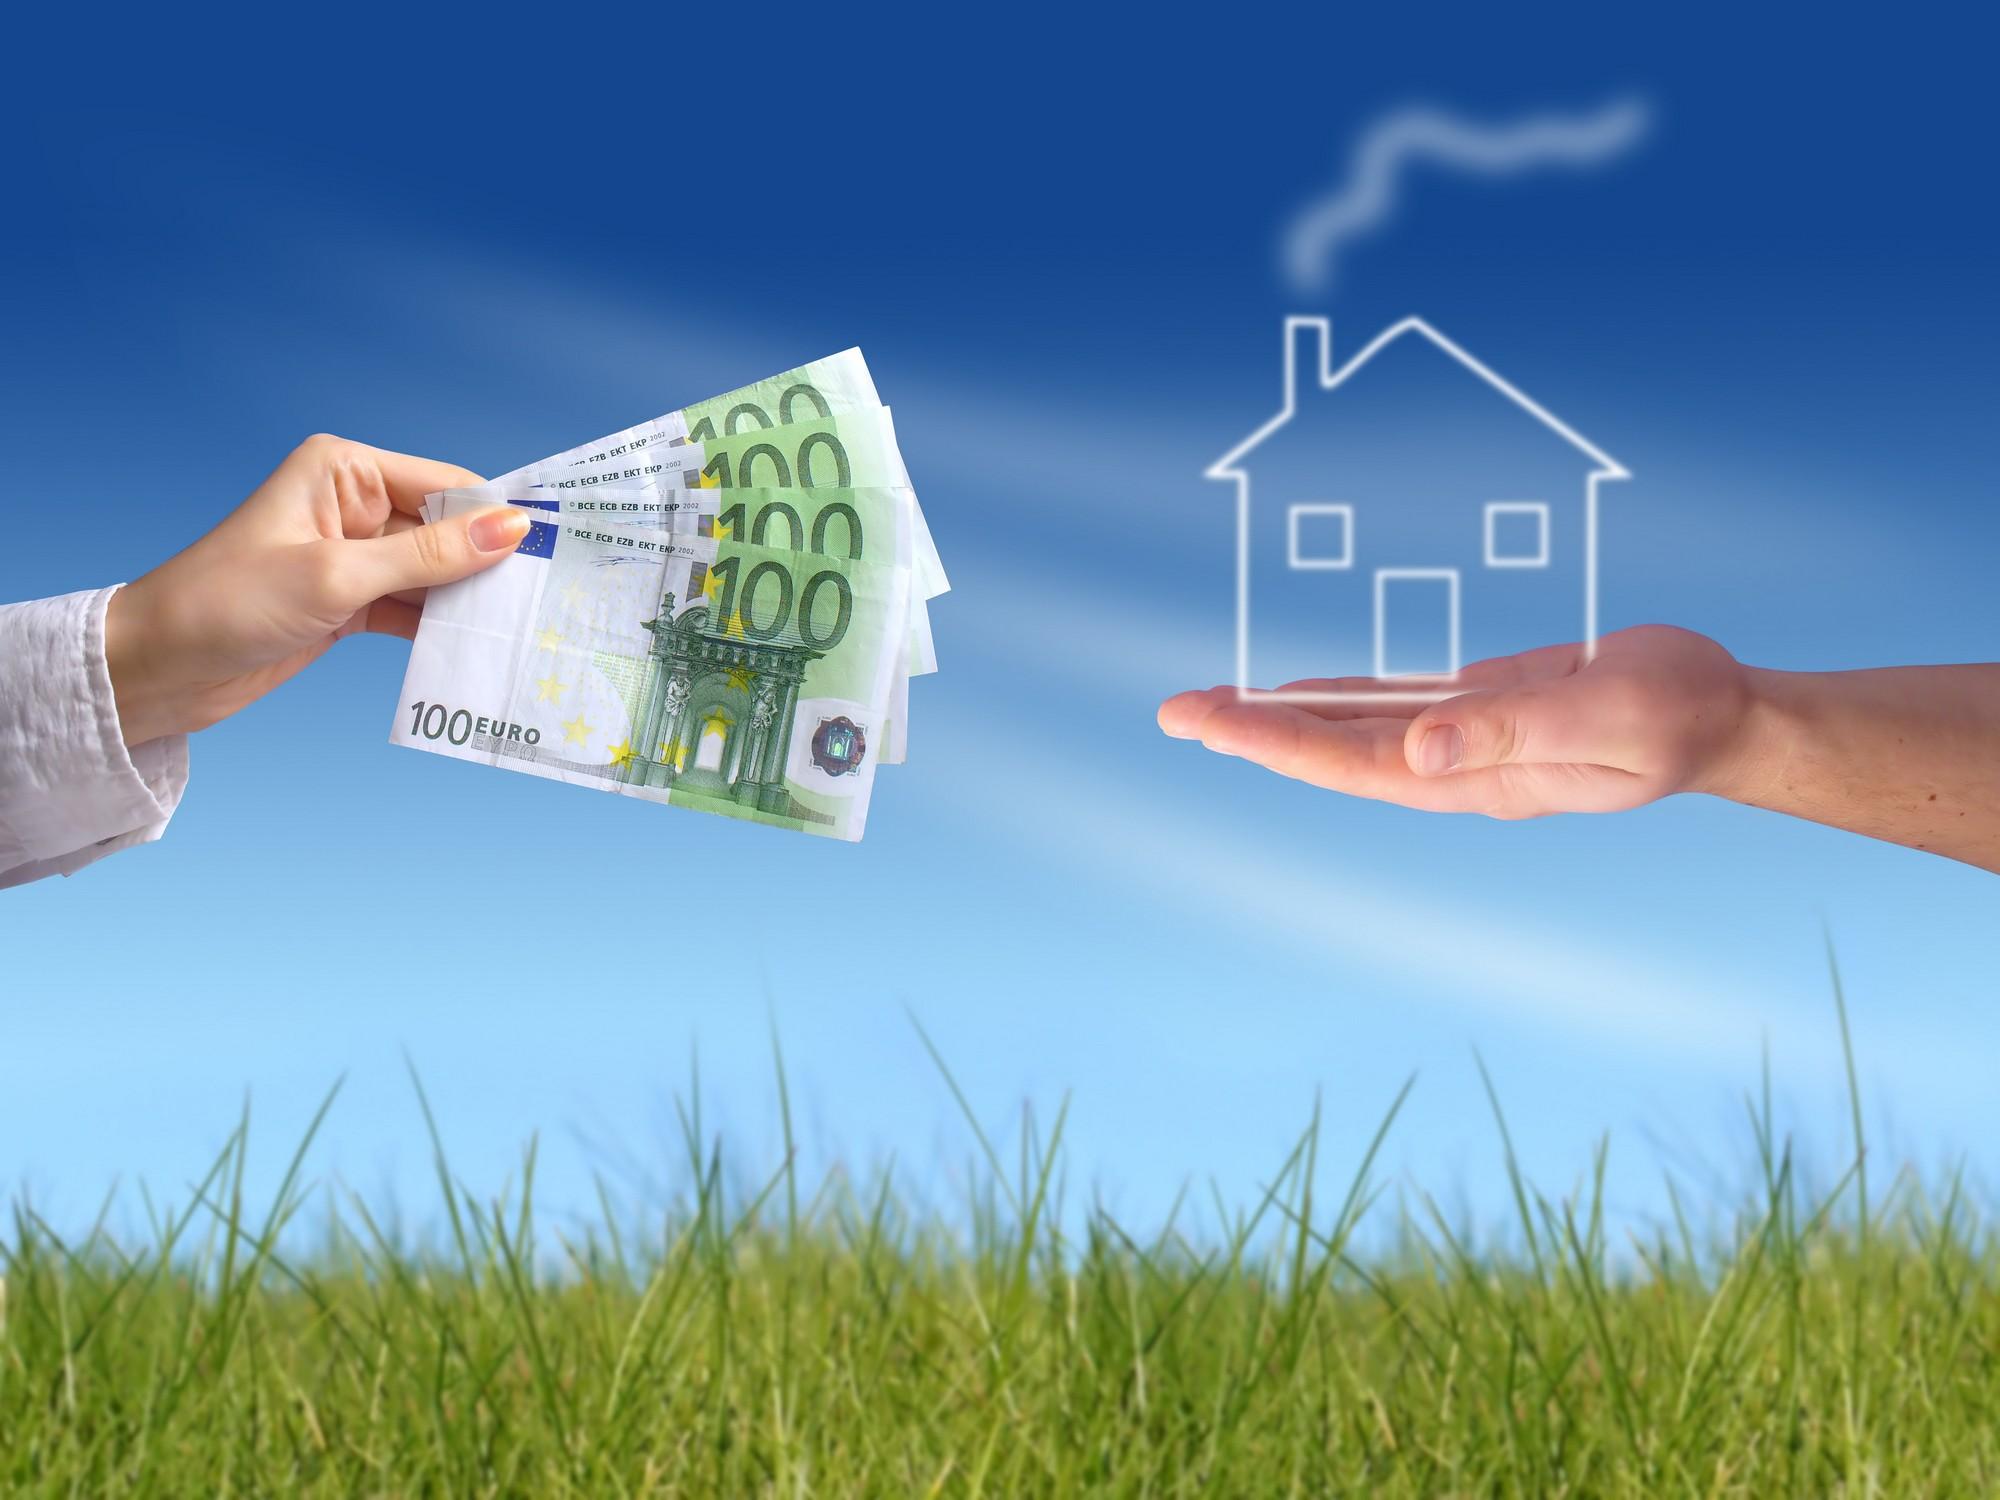 Achat appartement : Devenir propriétaire d'un premier appartement, tous les conseils et astuces pour bien investir